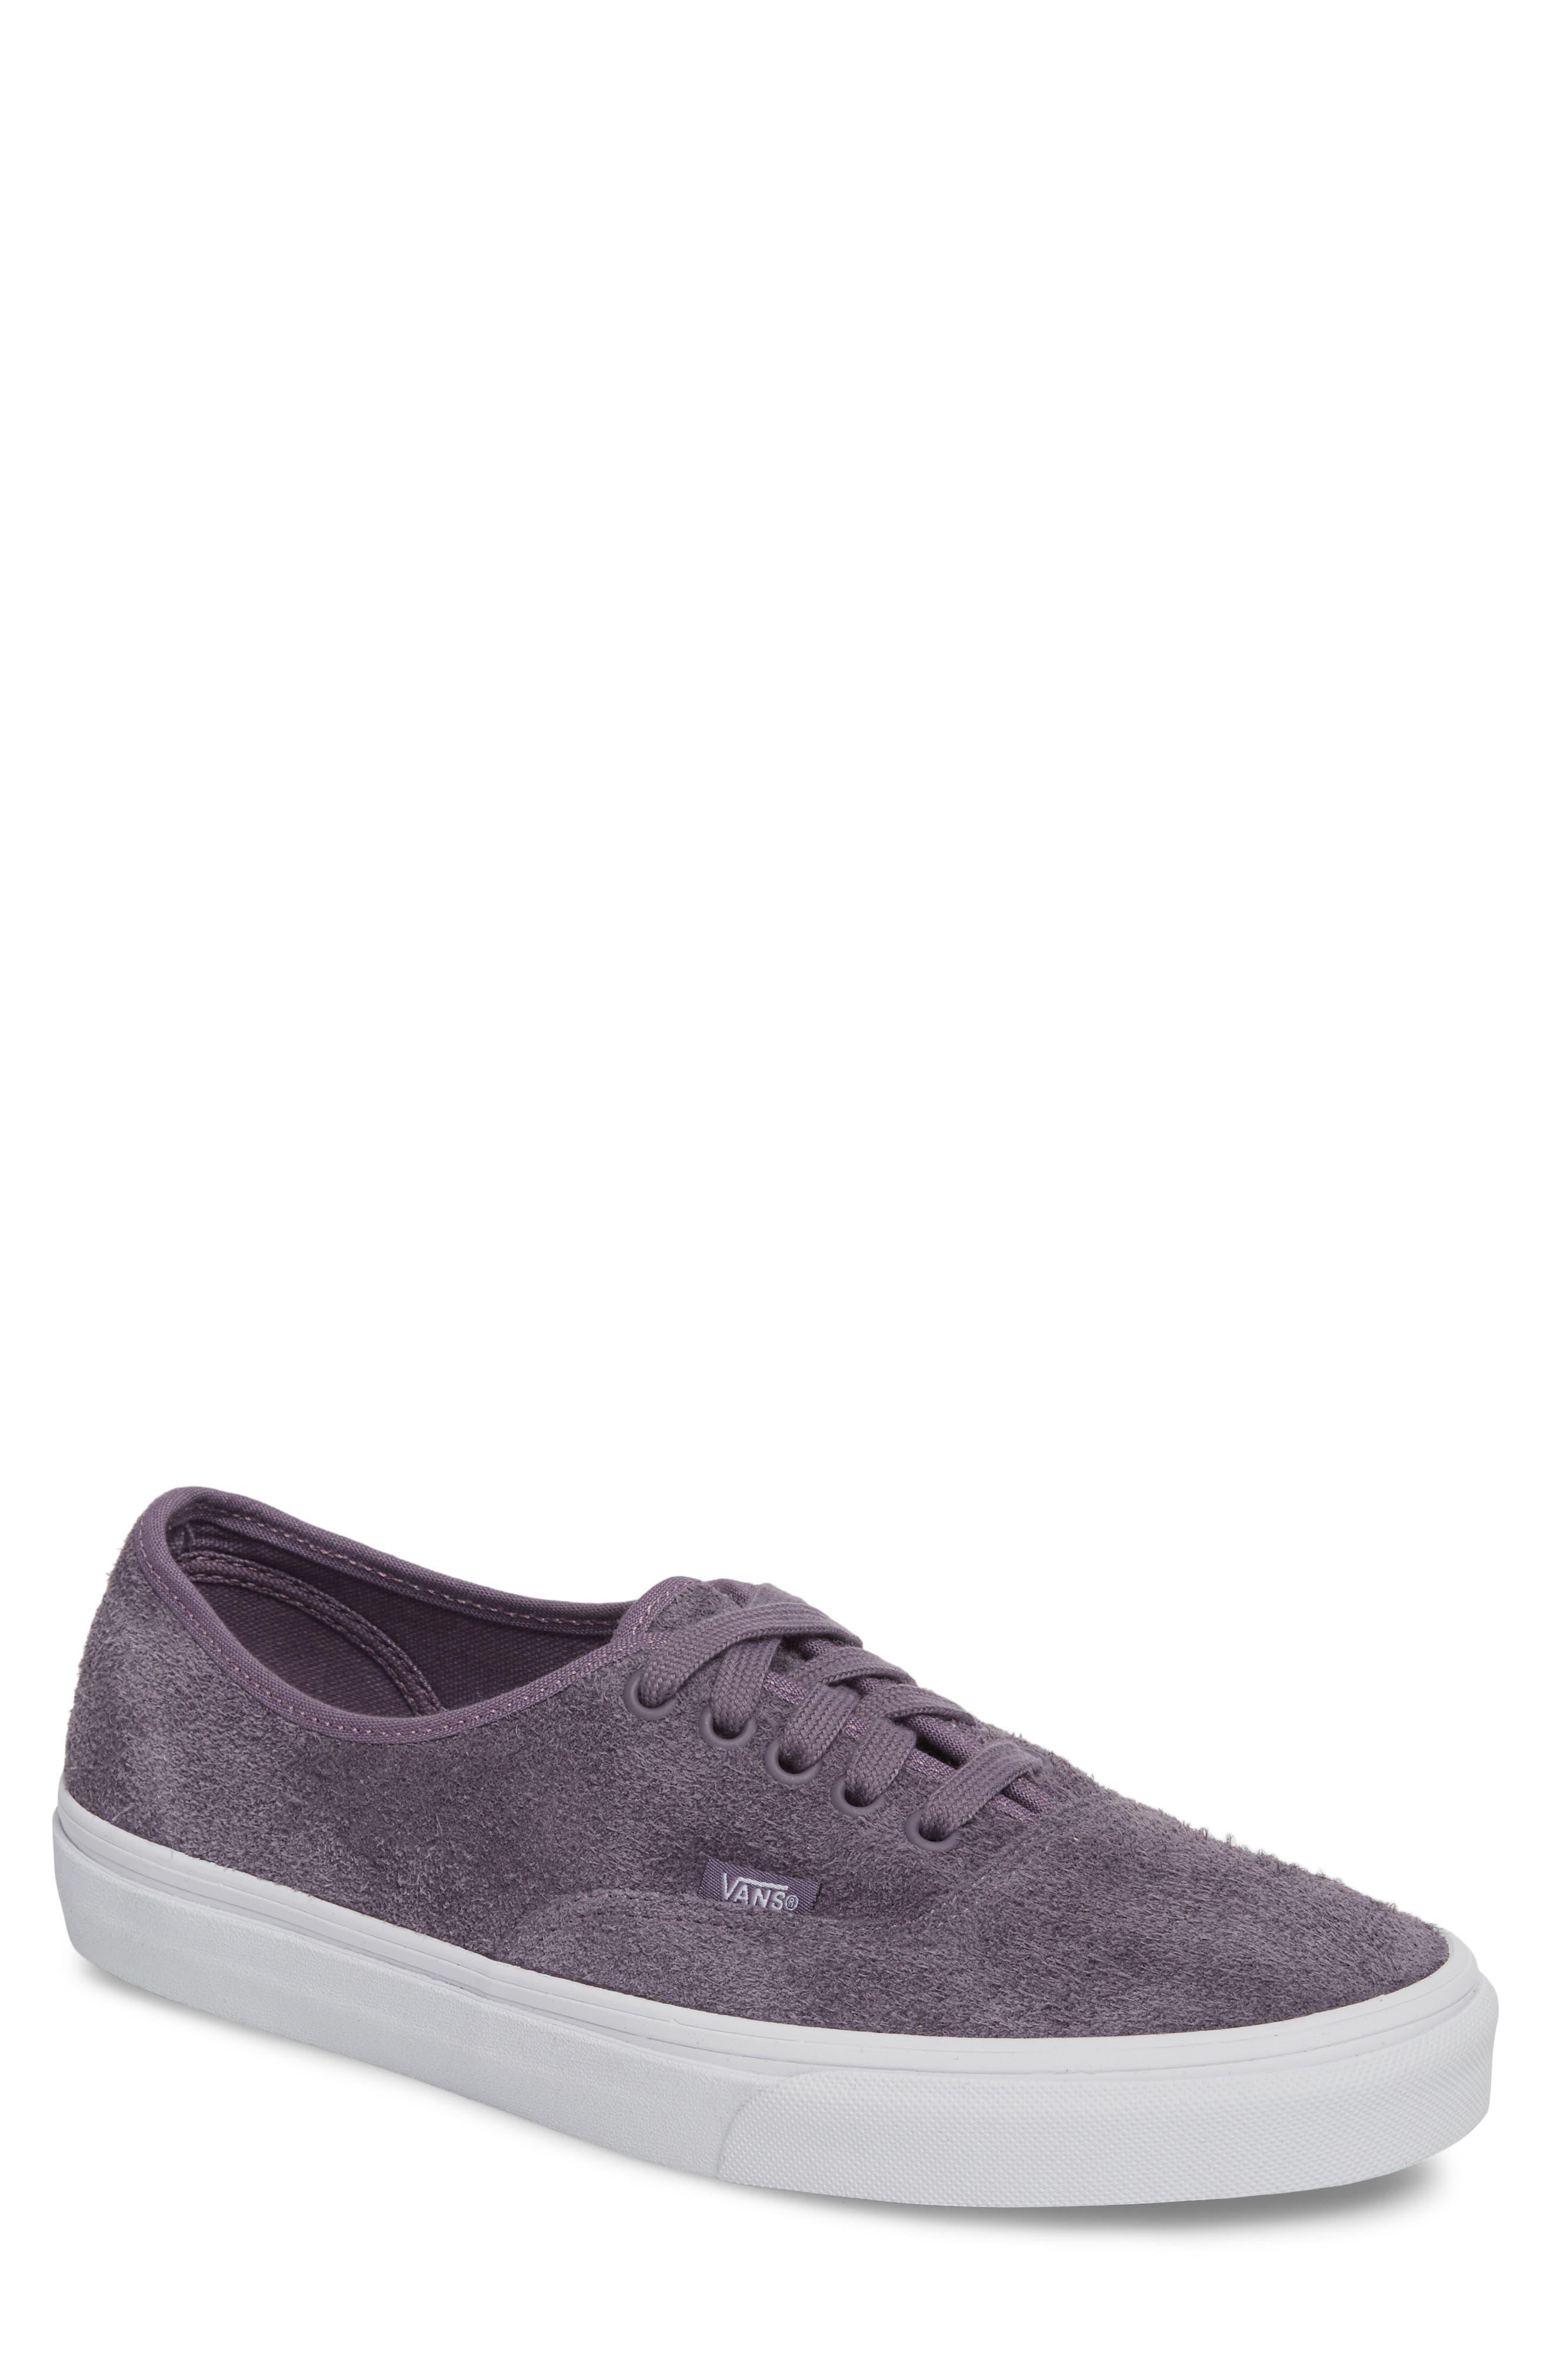 Vans Authentic Hairy Suede Low Top Sneaker (Men)